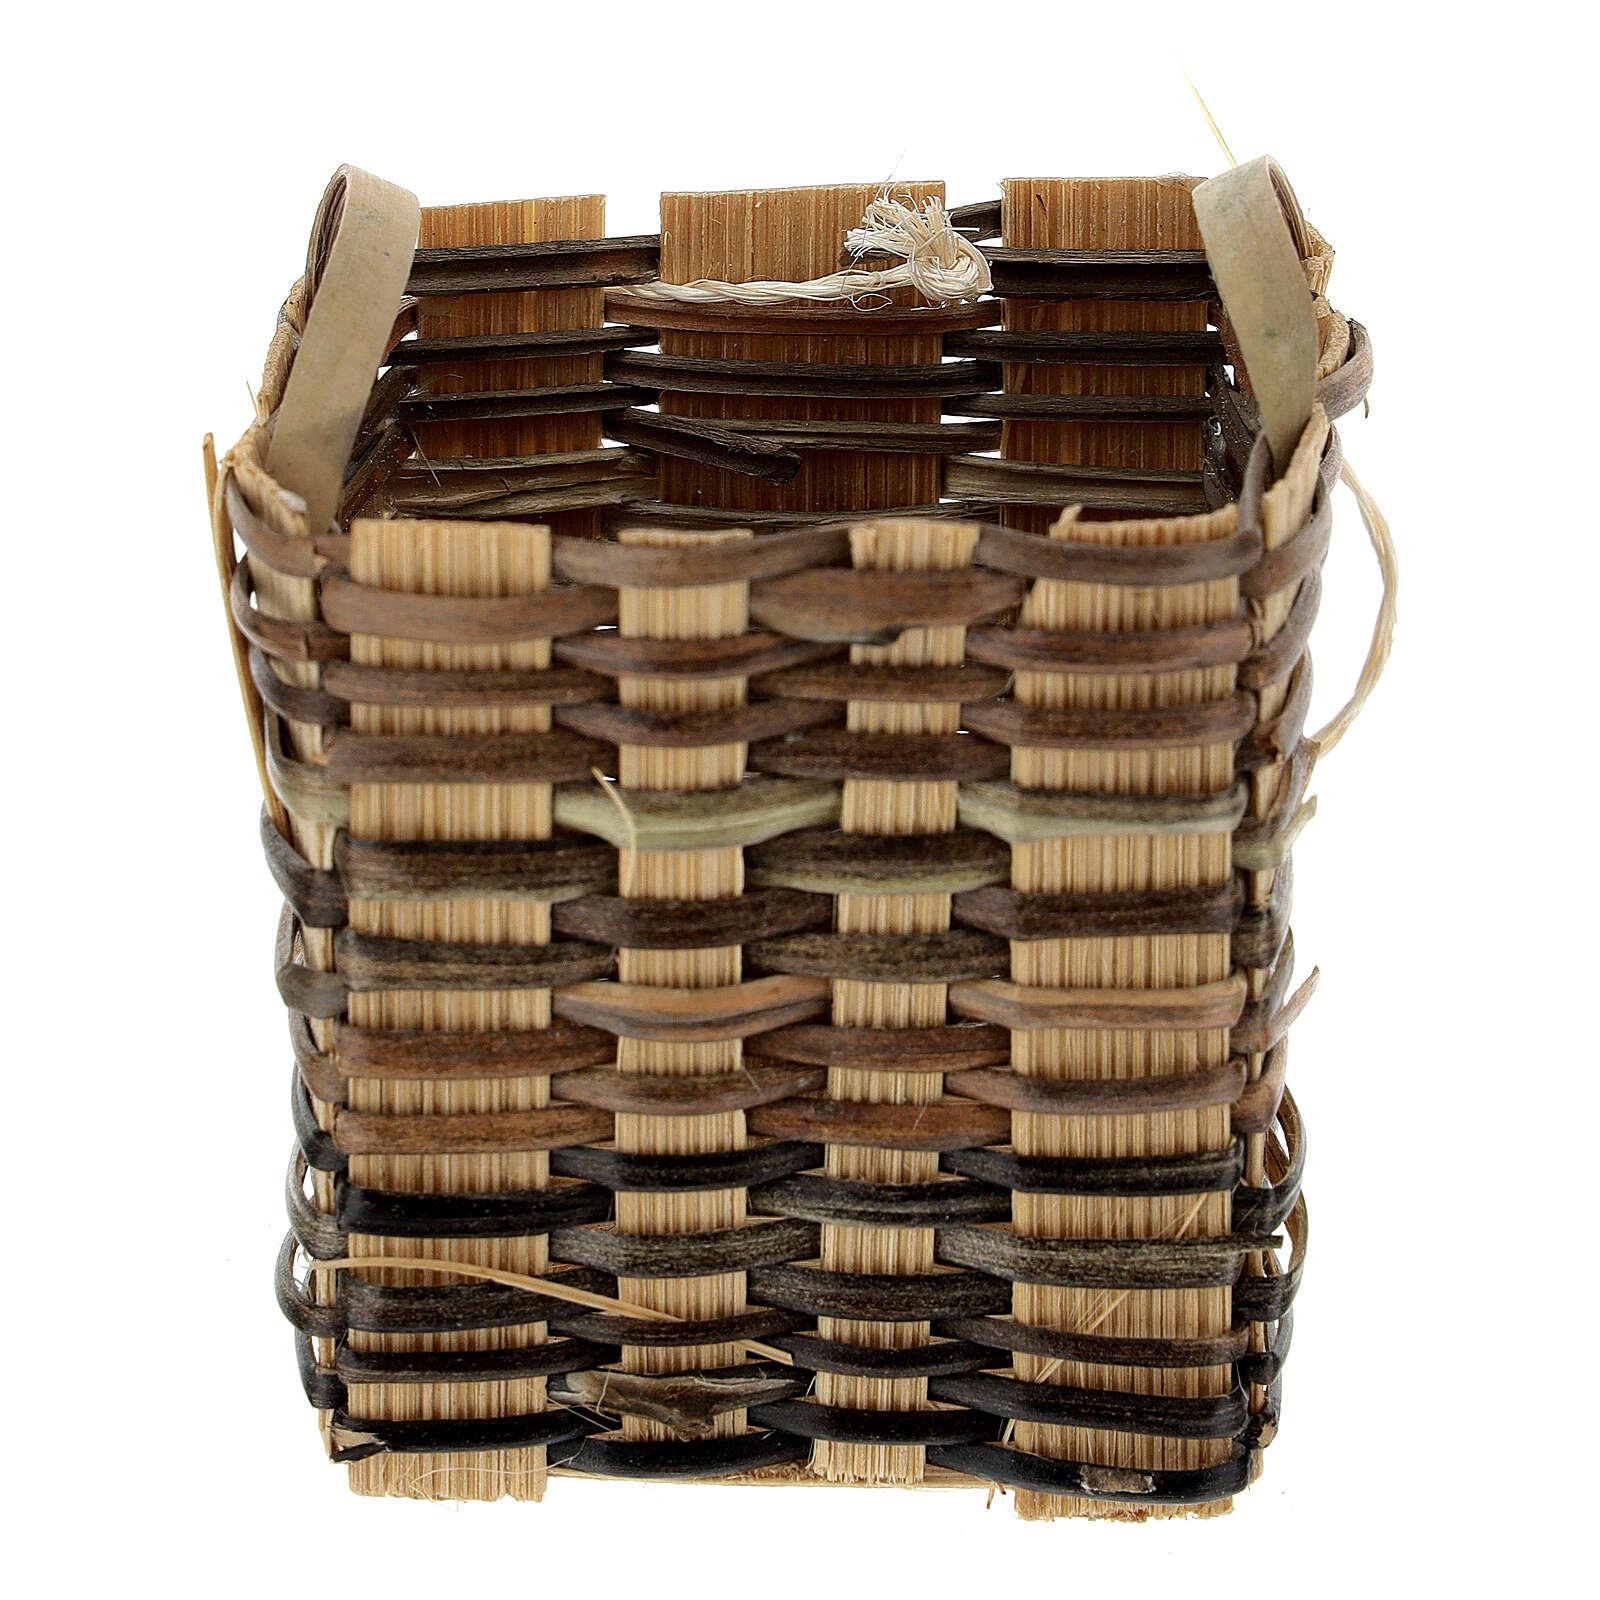 High wicker basket 5x5x5 cm for Nativity Scene with 12-14 cm figurines 4